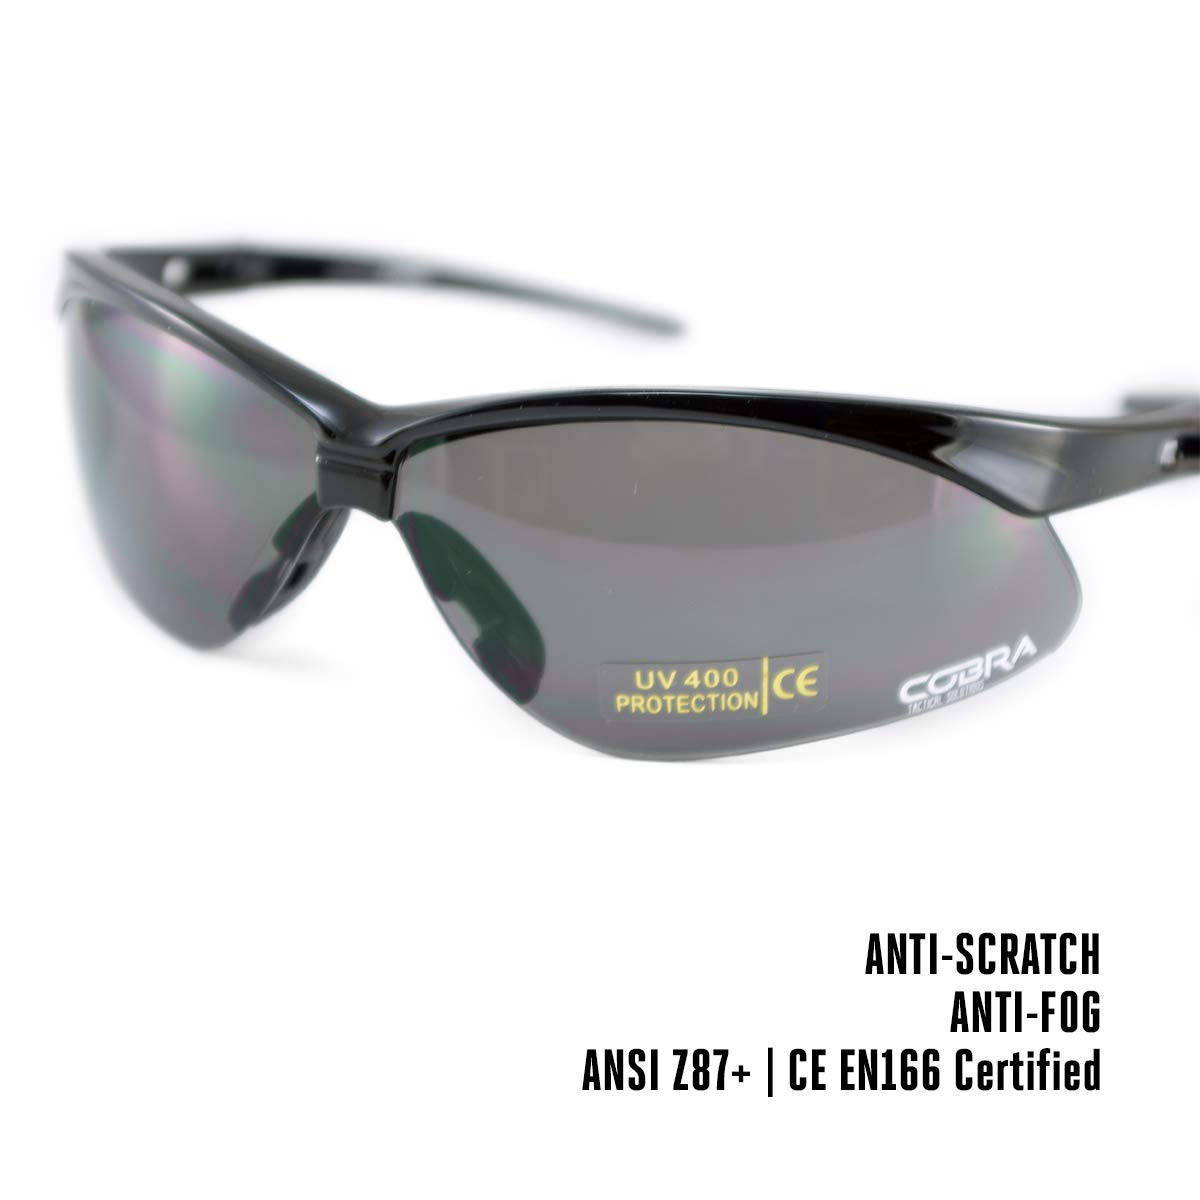 Gafas Protectoras de Seguridad y Gafas bal/ísticas con Marco Negro Gafas Grises y Patas no Ajustables Gafas t/ácticas para Airsoft Cobra antiempa/ñamiento y antiara/ñazos